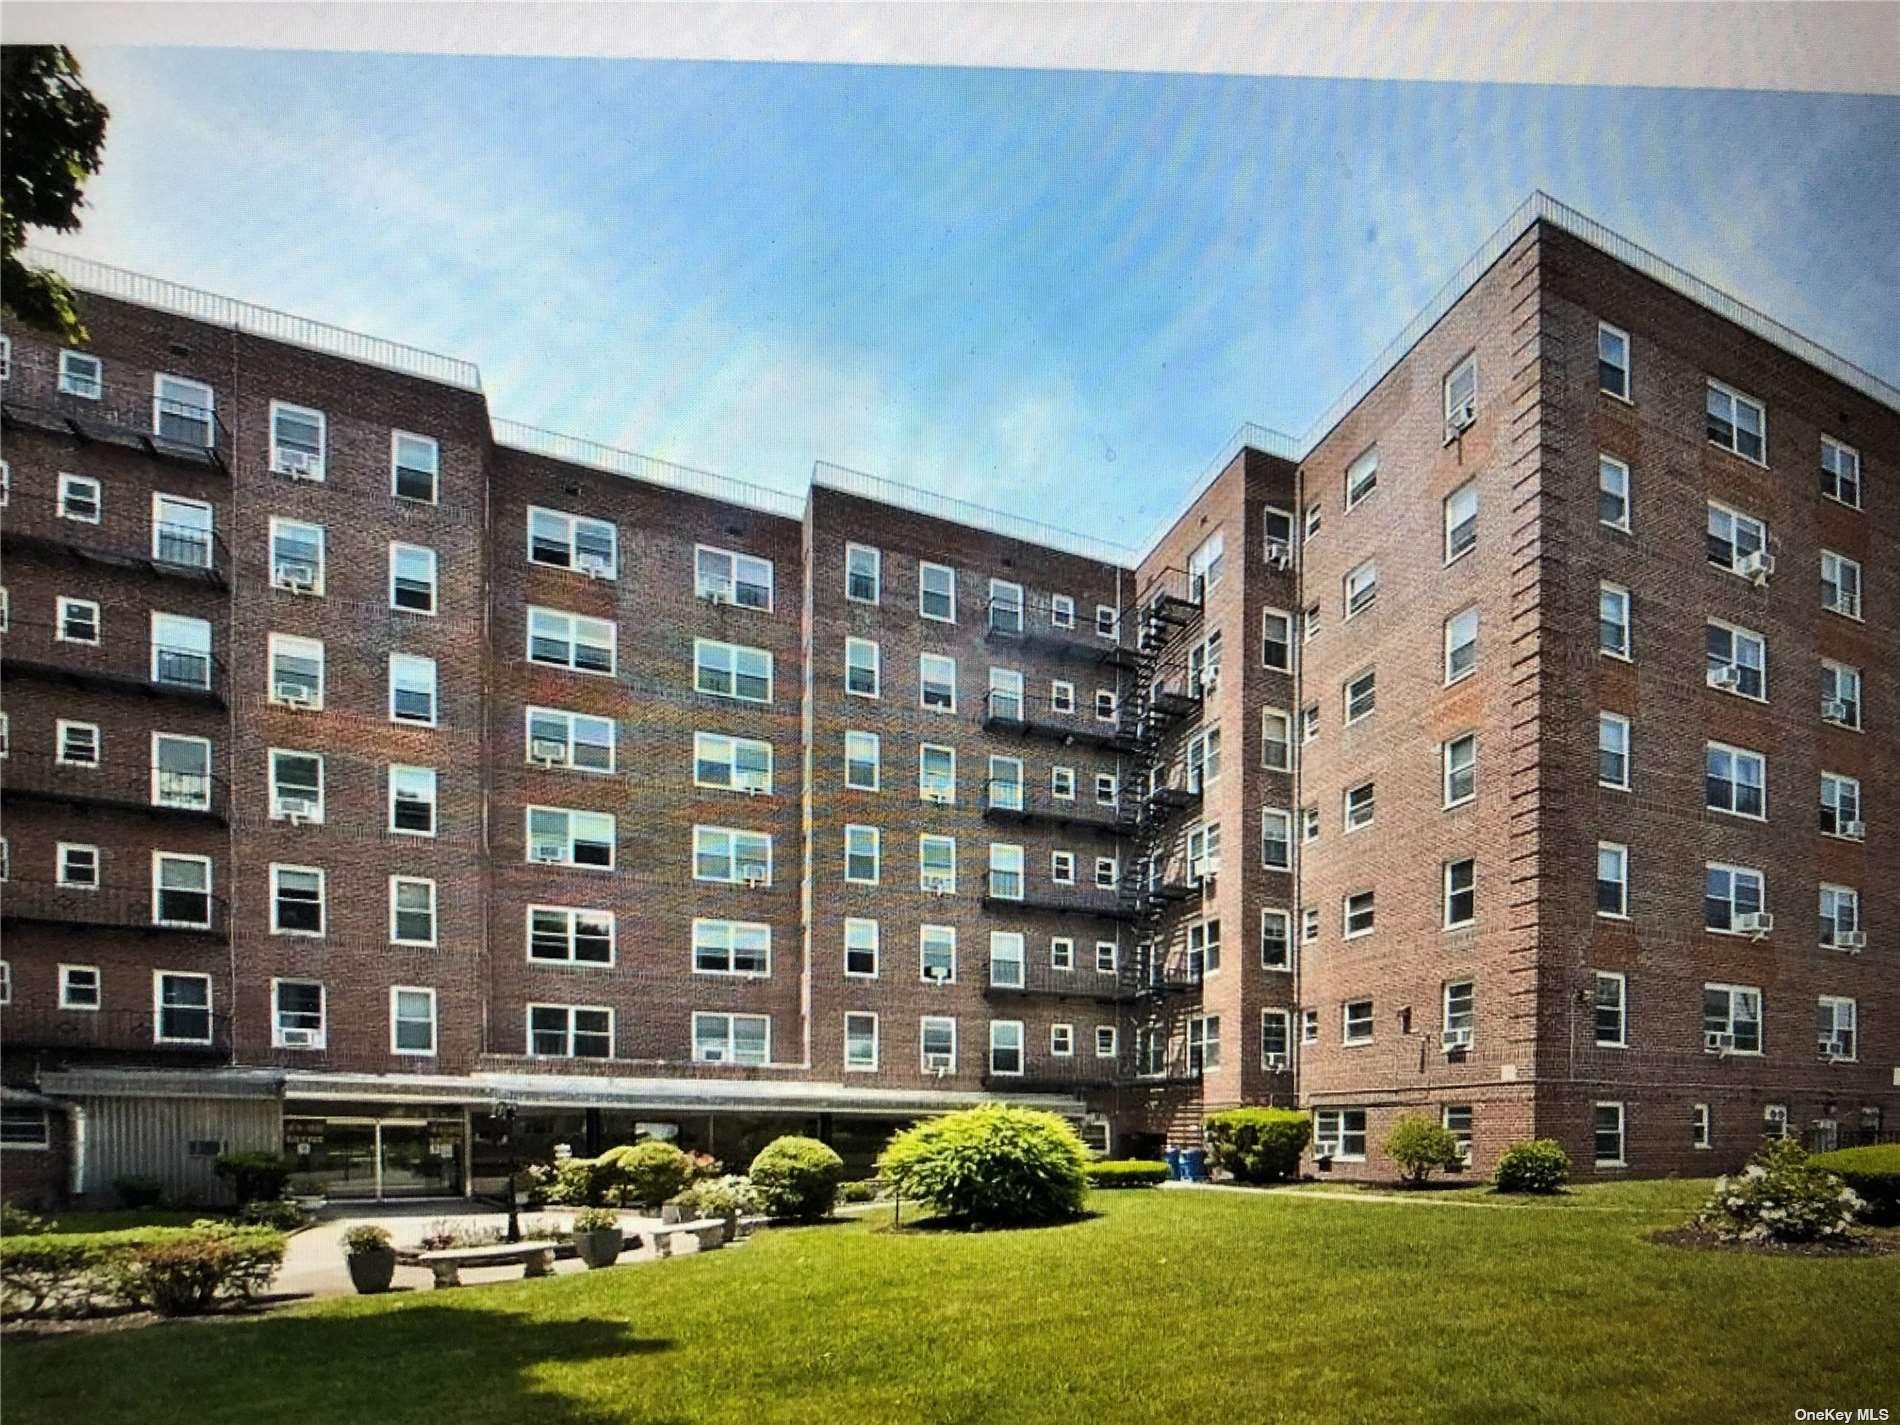 84-50 169 Street 301, Jamaica Hills, NY 11432